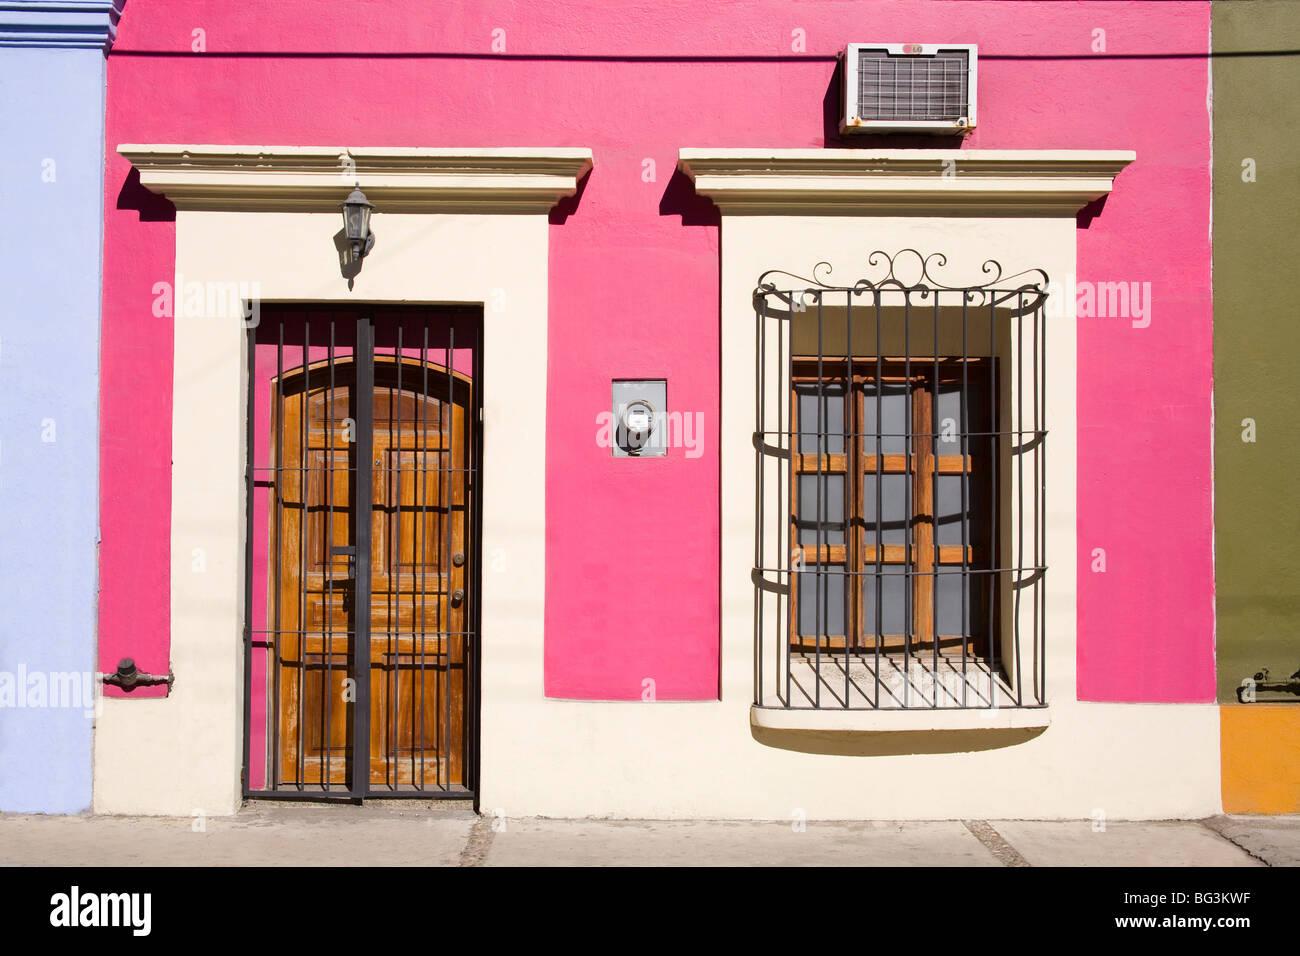 Dans l'architecture coloniale de la Vieille Ville, Mazatlan, Sinaloa, Mexique, Etat de l'Amérique du Photo Stock